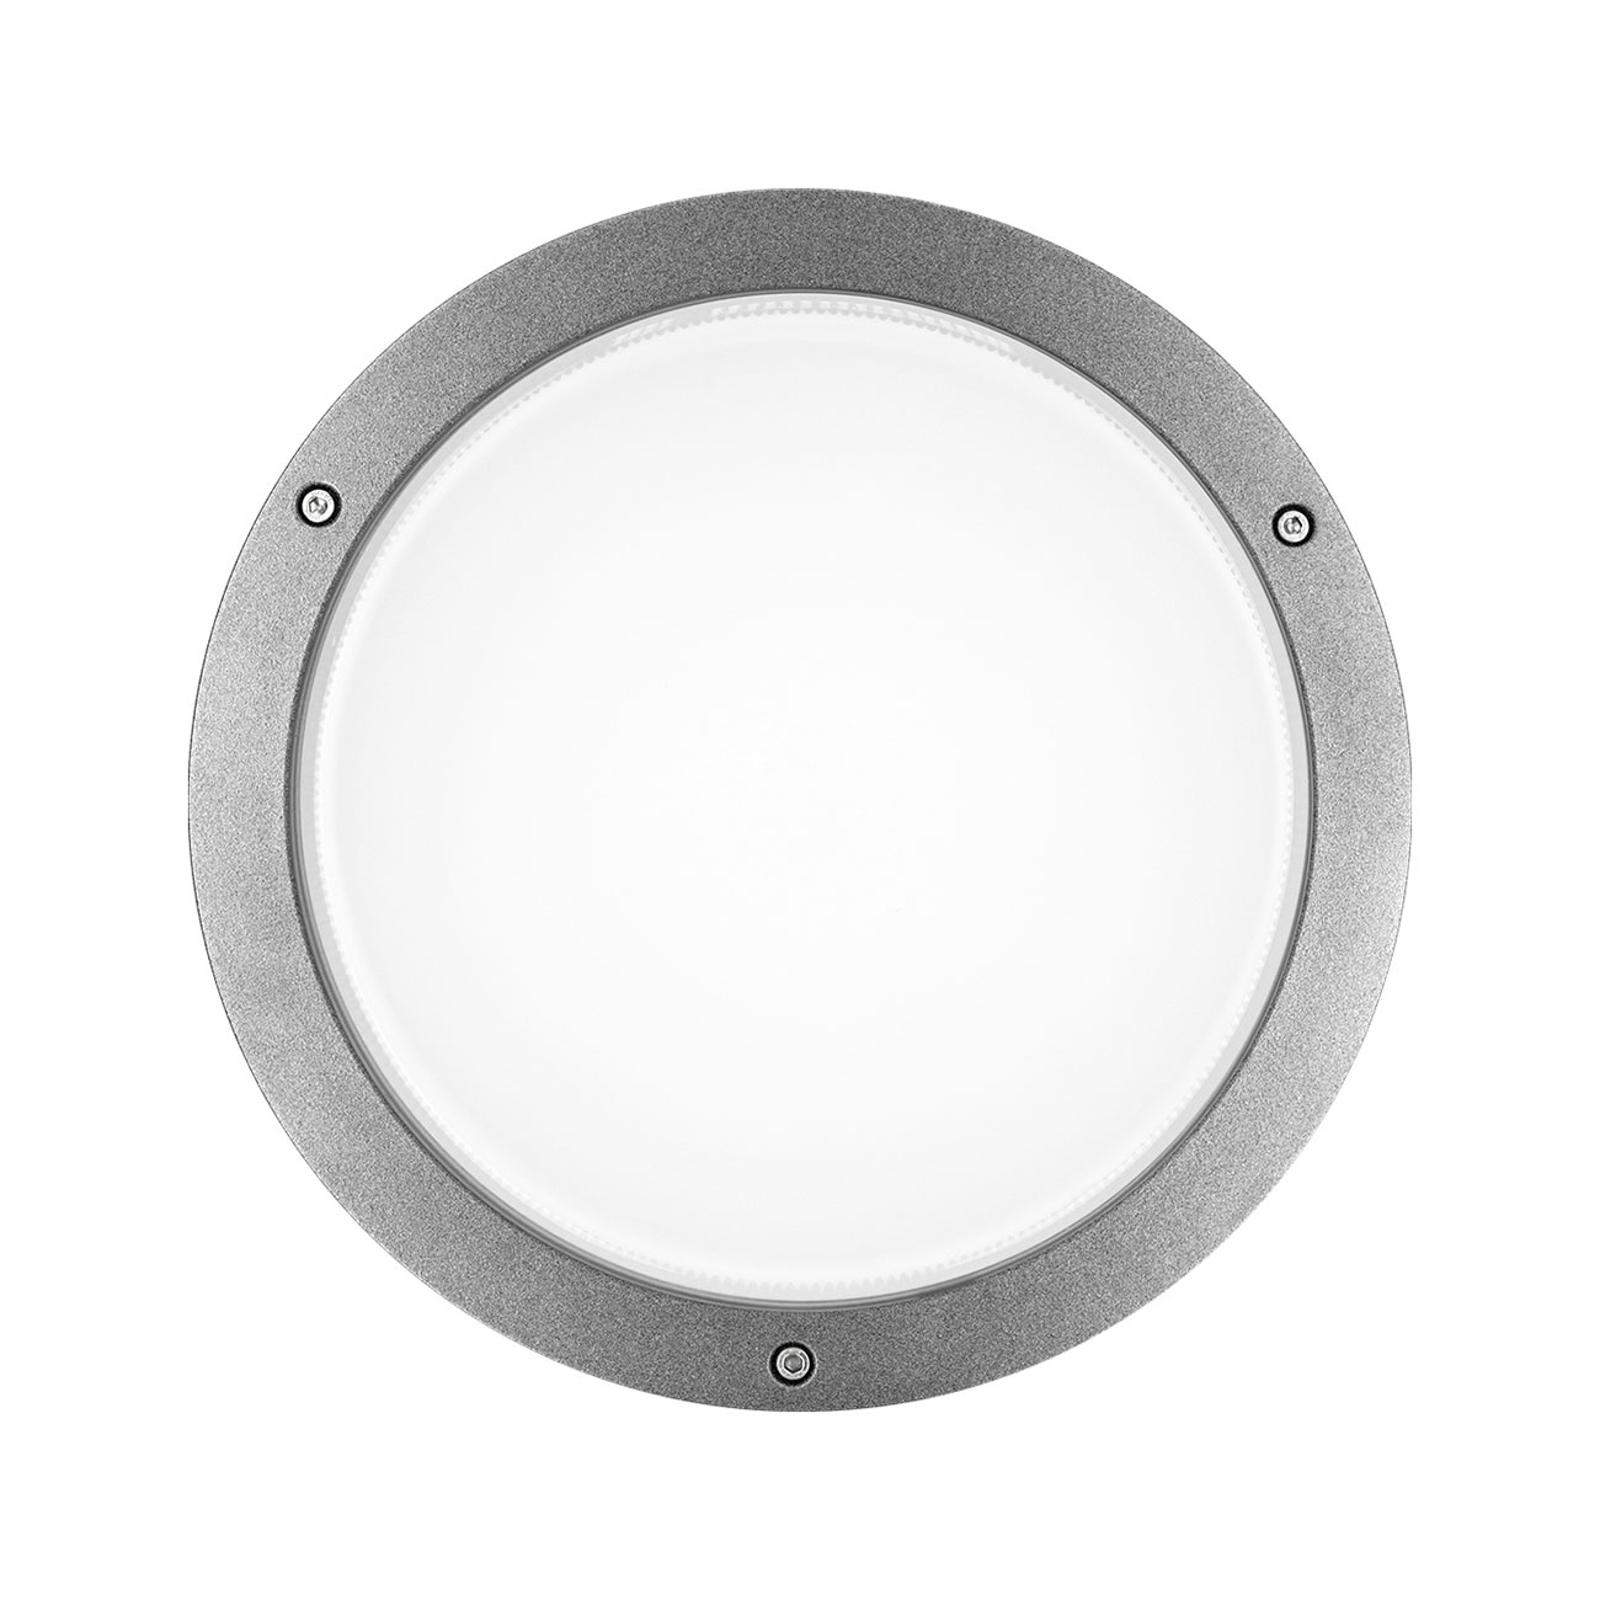 LED-vegglampe Bliz Round 30 3000K, grå dimbar